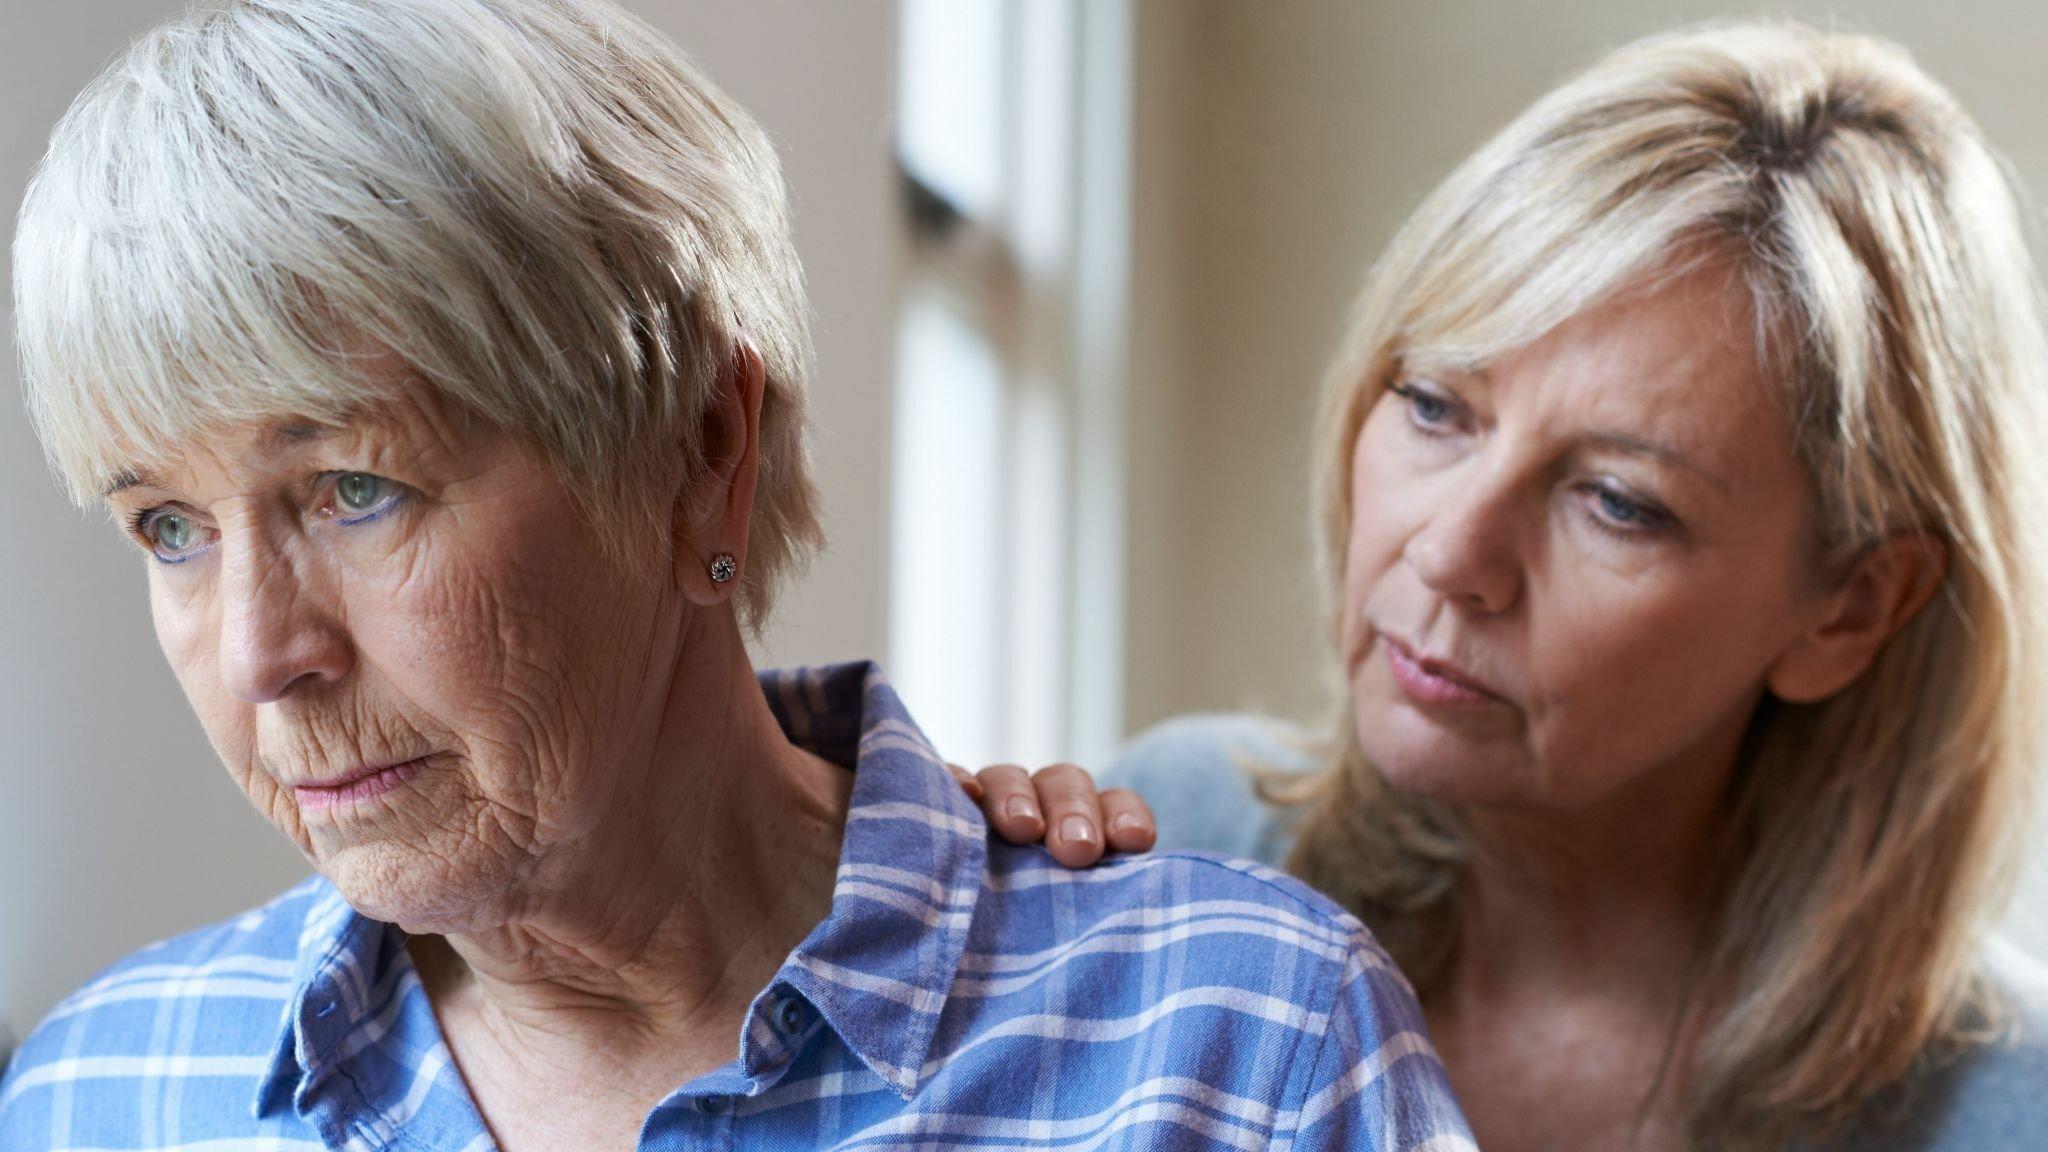 Frau legt alter Mutter die Hand auf die Schulter. Sie kümmert sich während der Corona-Pandemie alleine um die Pflege.